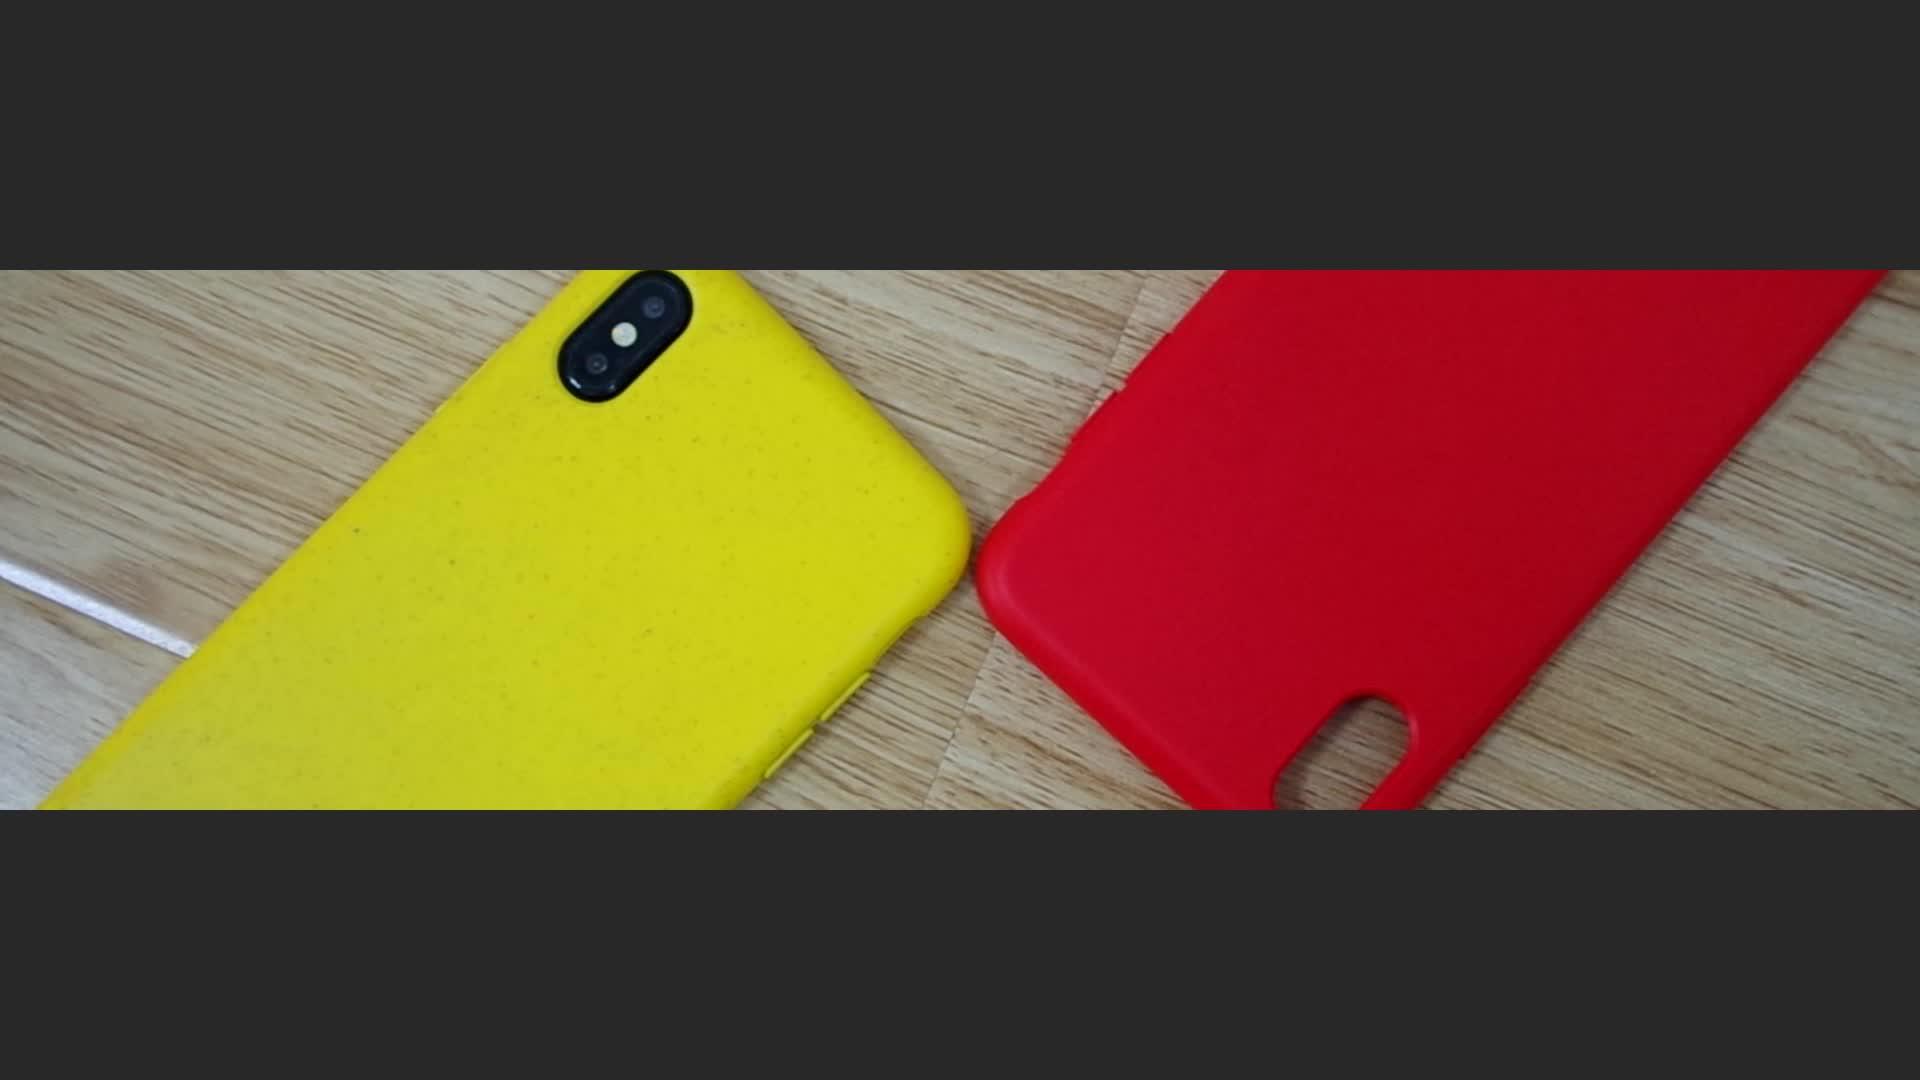 Caso De Plástico Reciclado Eco Friendly Composto Bio Degradável PLA Biodegradável Palhas de Trigo Orgânica Caixa Do Telefone para o iphone 11, xi